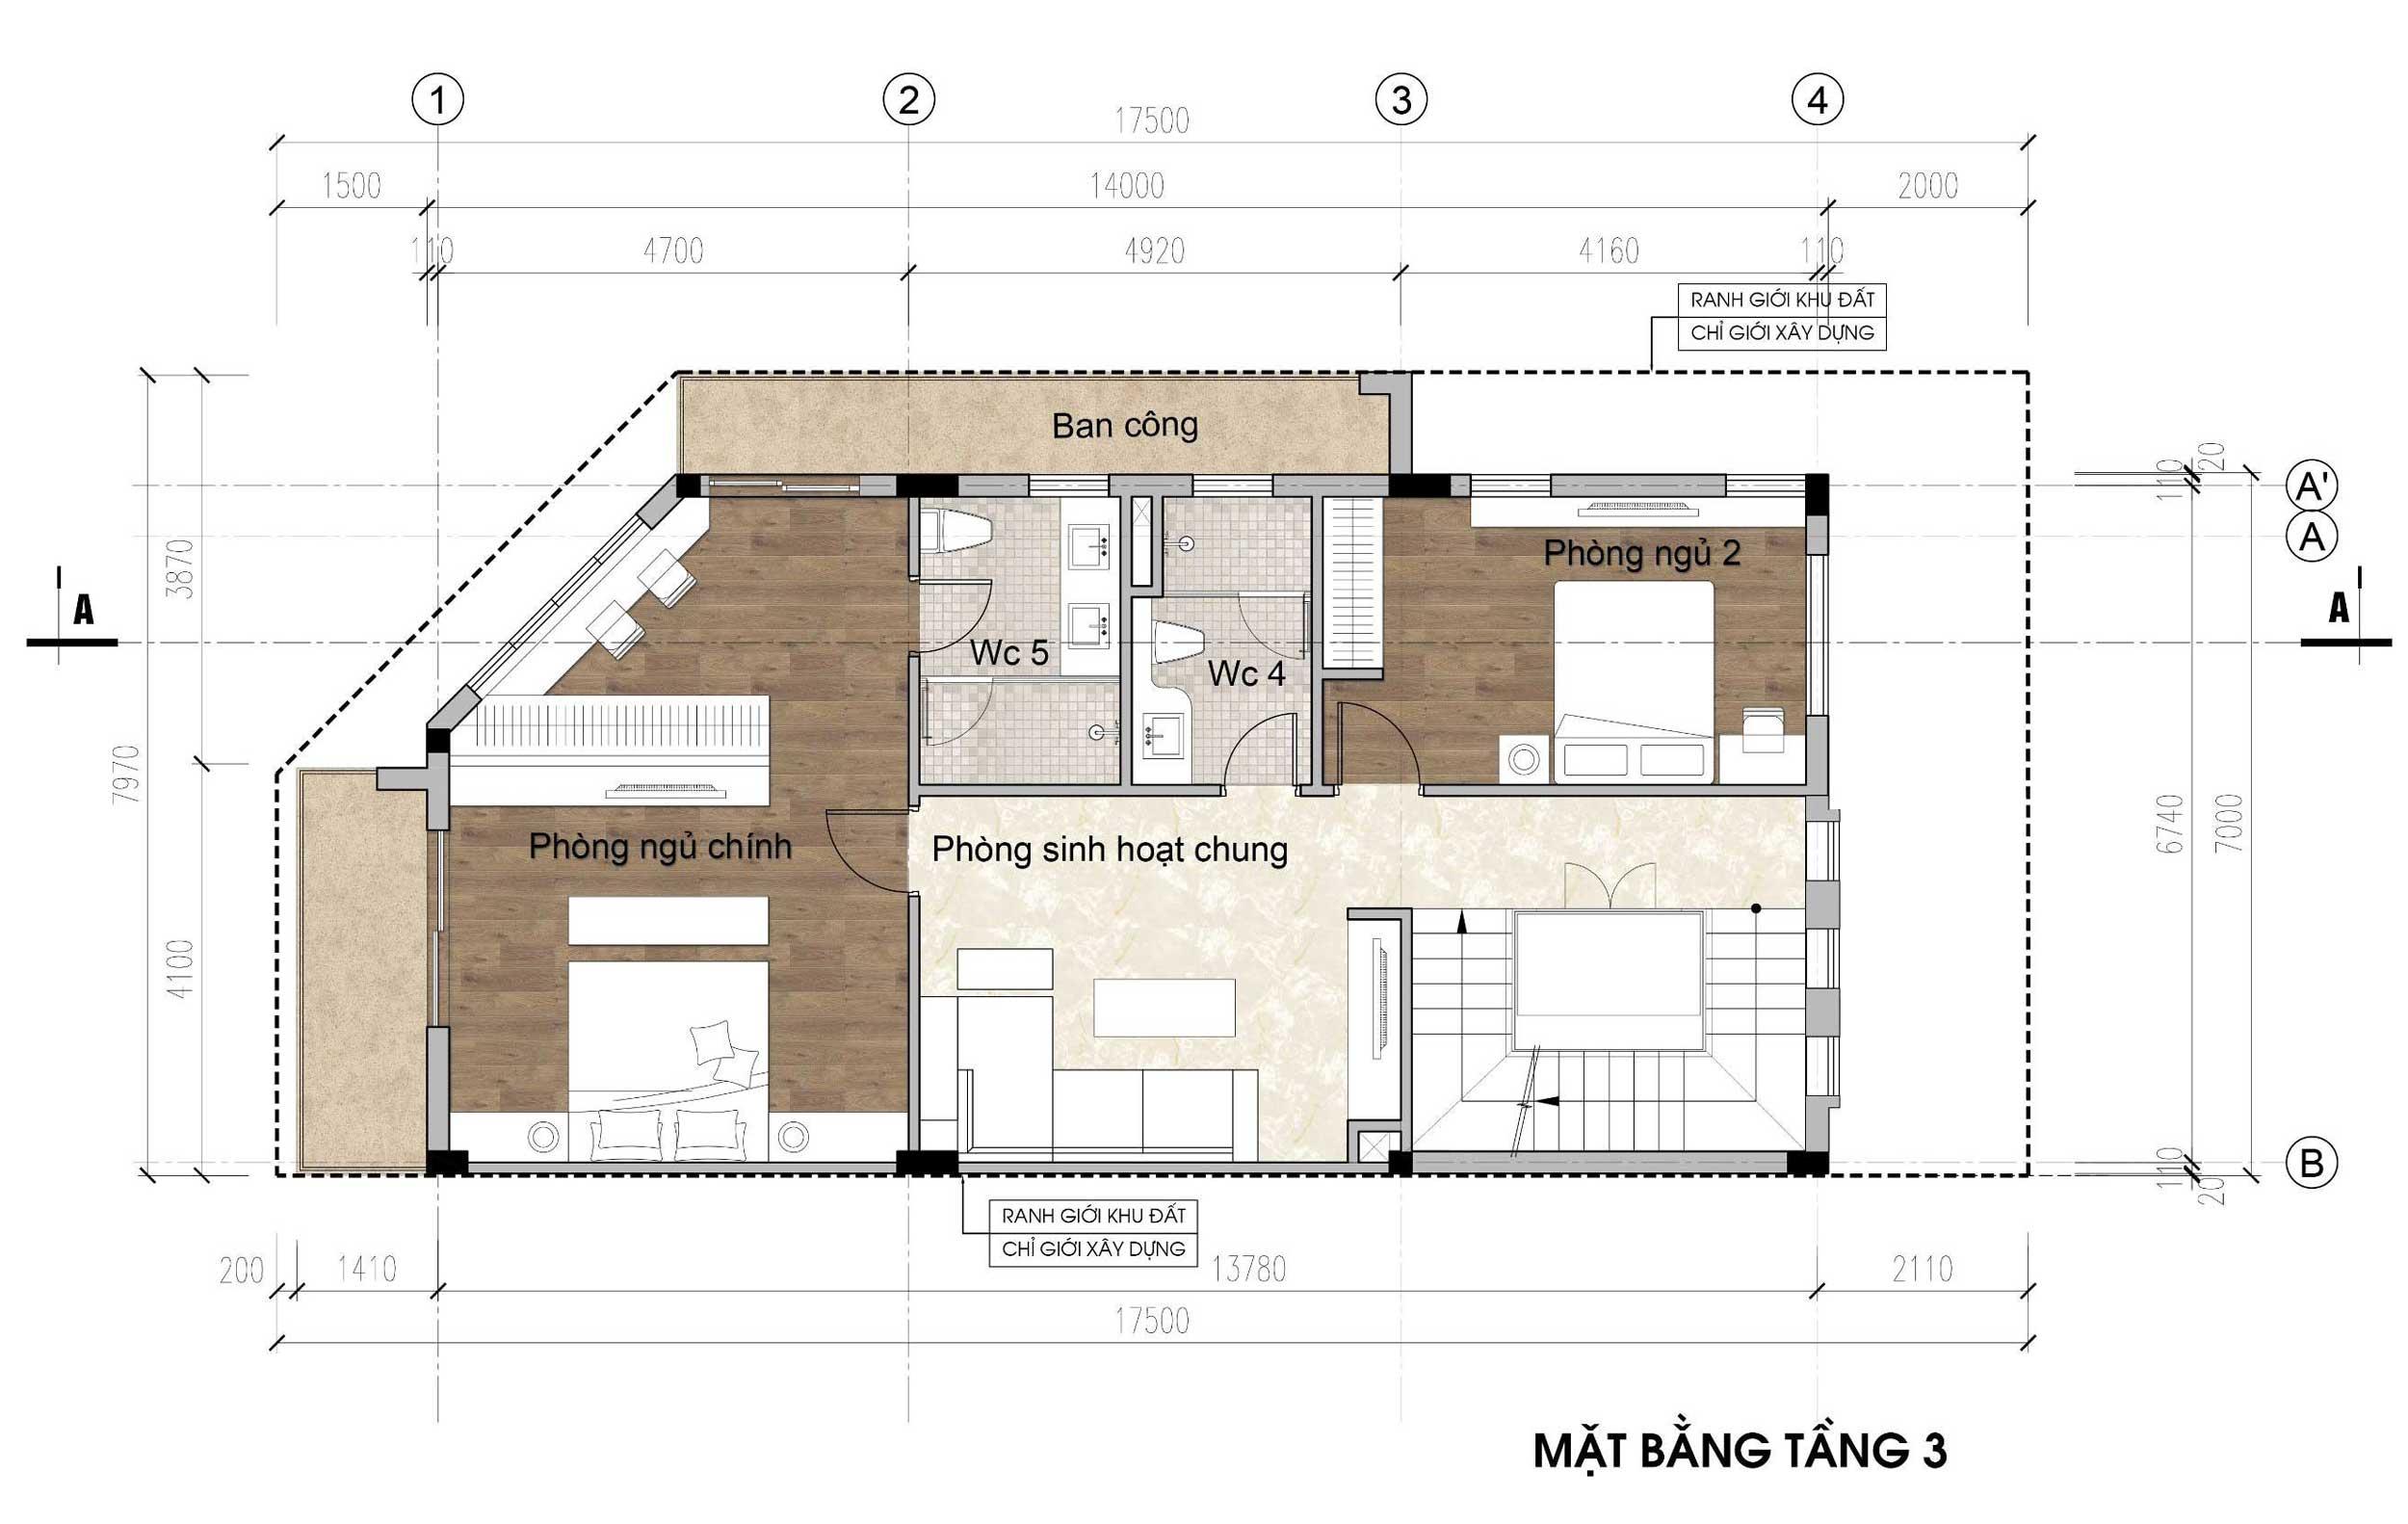 Mặt bằng tầng 3 - nhà phố góc Thủy Trúc(7x17,5m)